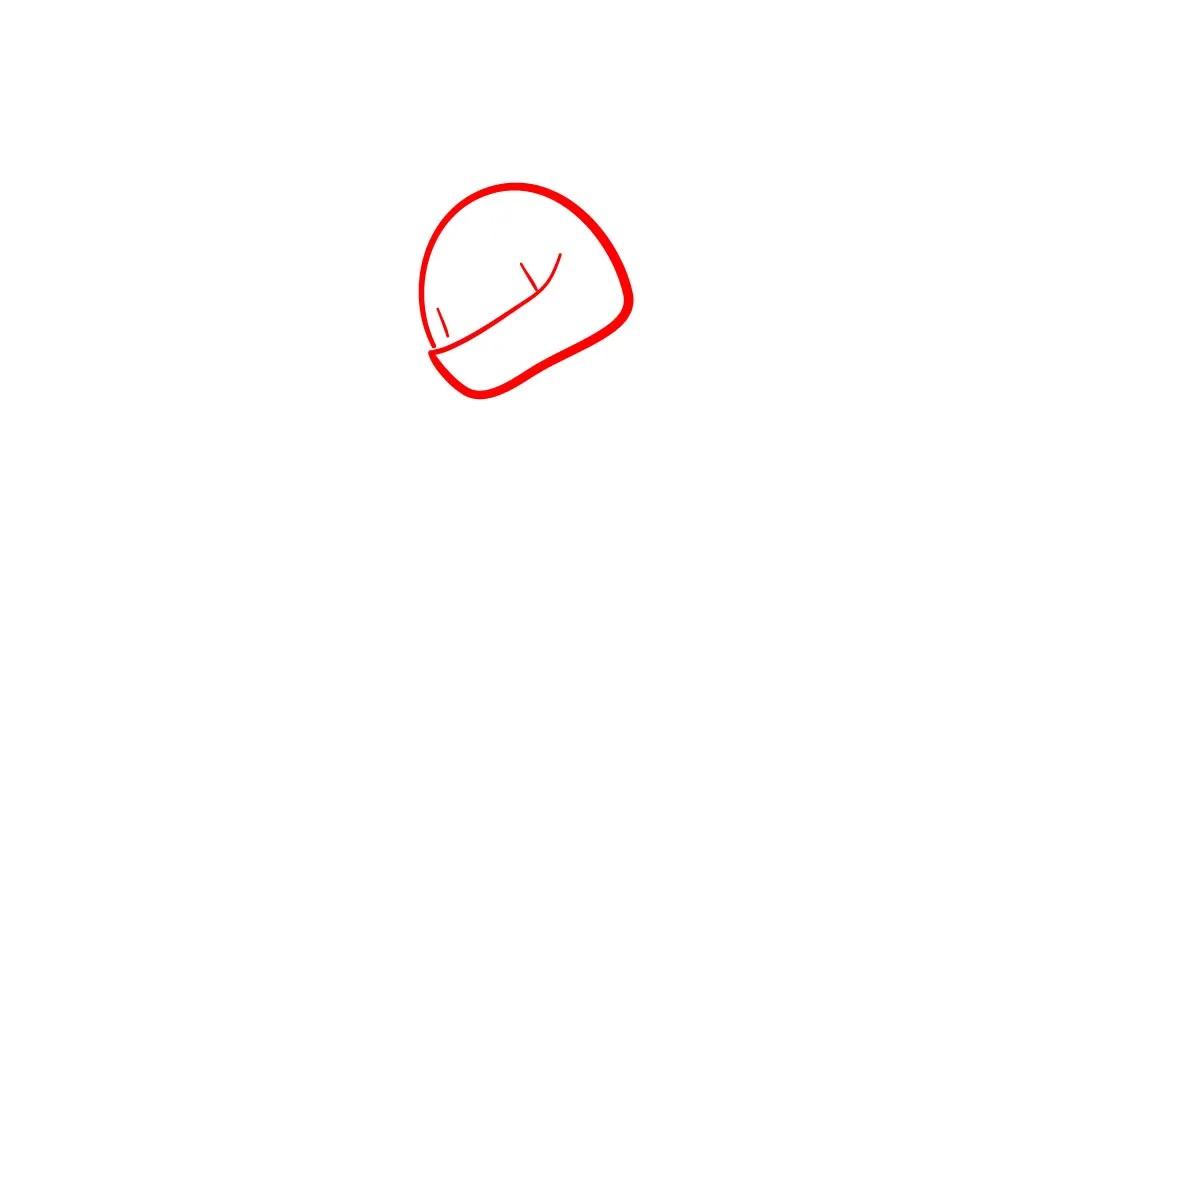 как нарисовать сису 1